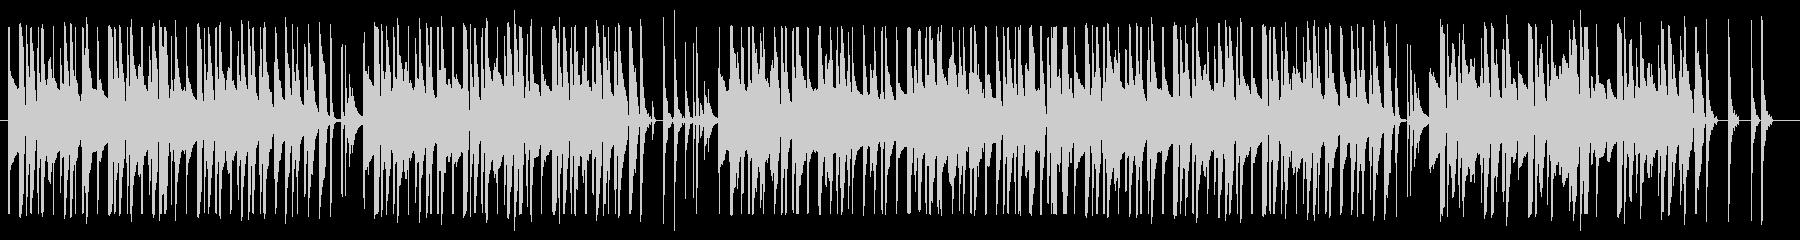 ほのぼのした口笛ソングの未再生の波形